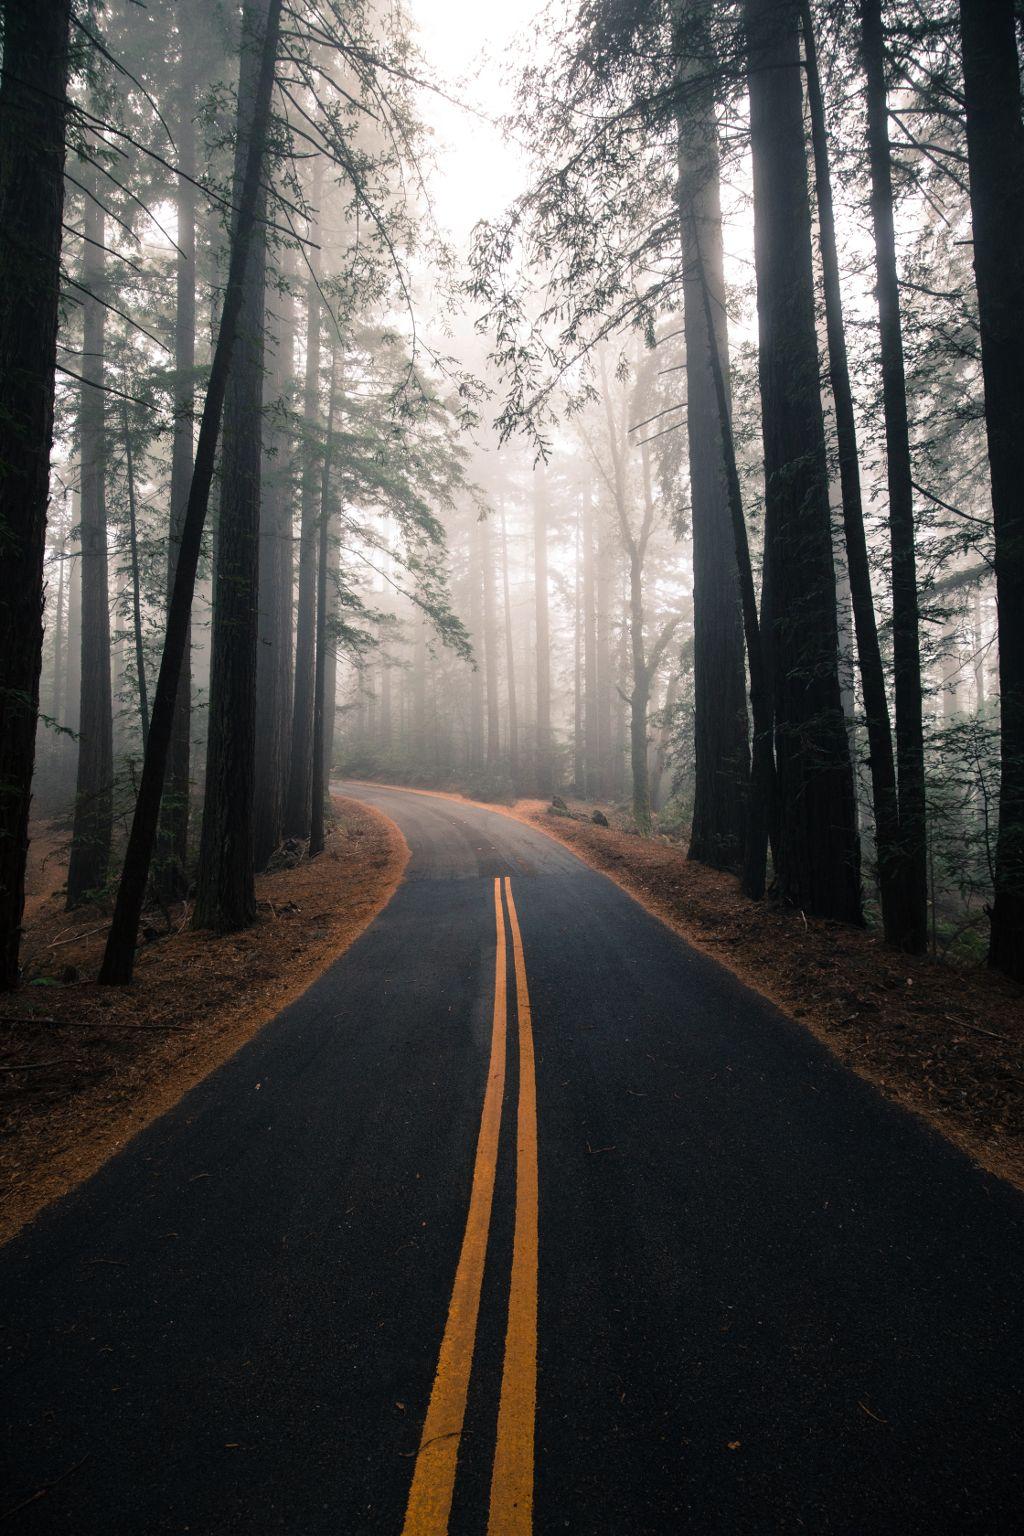 Create something awesome! Unsplash (Public Domain) #nature #road #trees #background #backgrounds #freetoedit